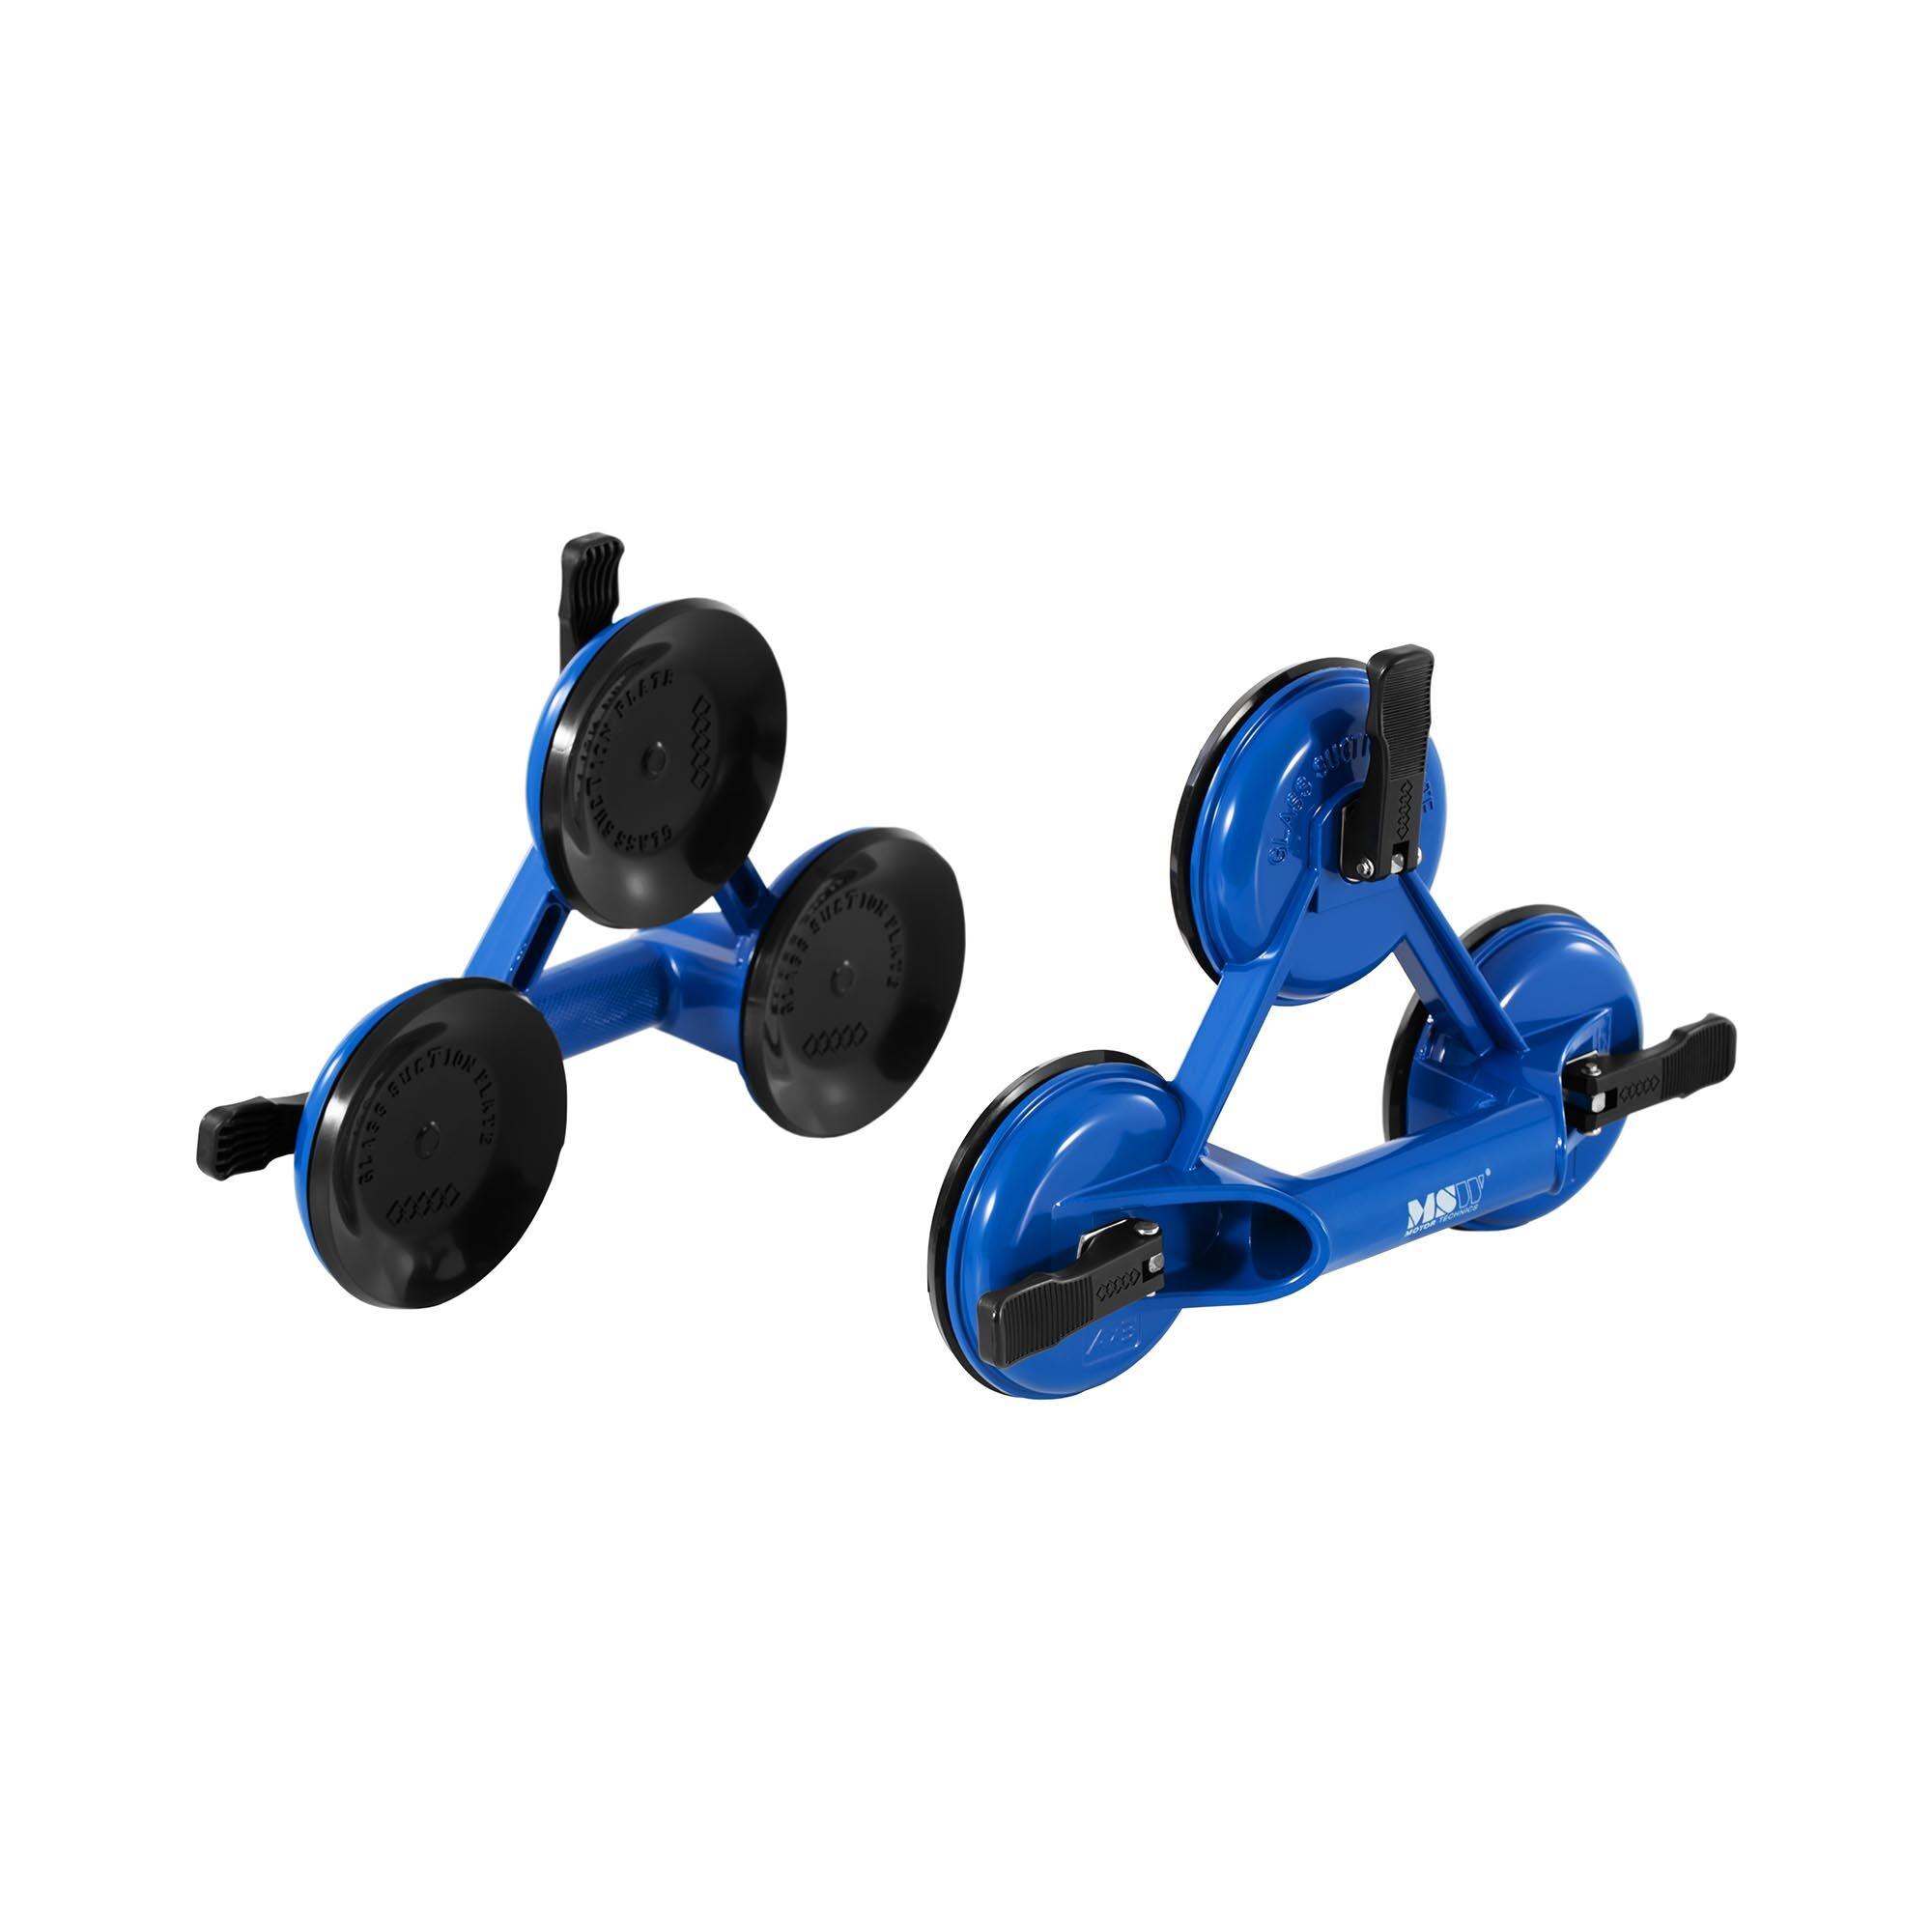 msw ventosa per vetro professionale - 180 kg - 3 bracci - 2 pezzi -gsl2-180160-3pc